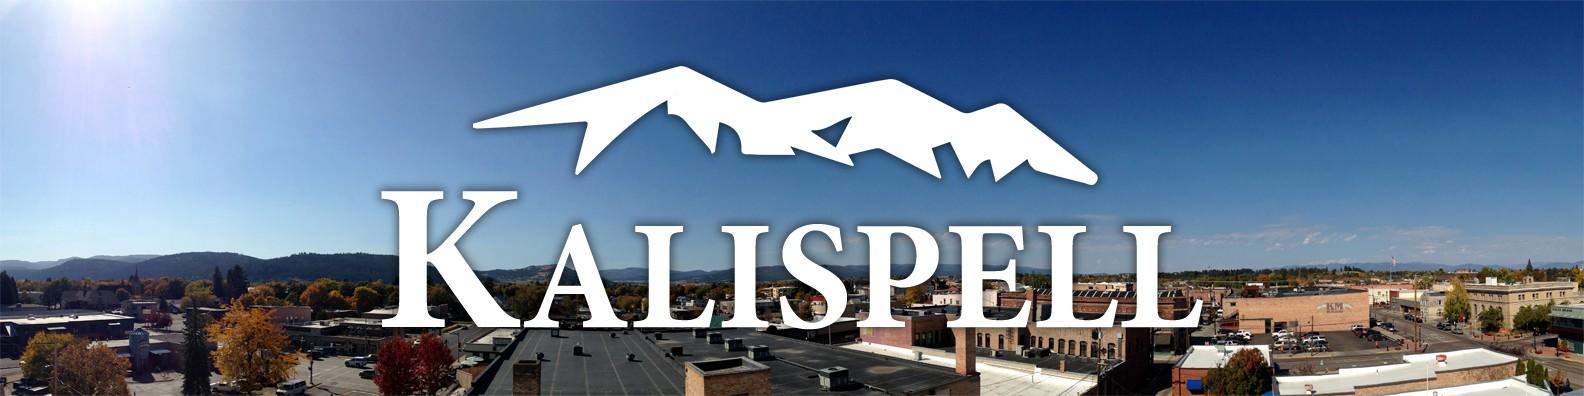 City Of Kalispell >> City Of Kalispell Linkedin